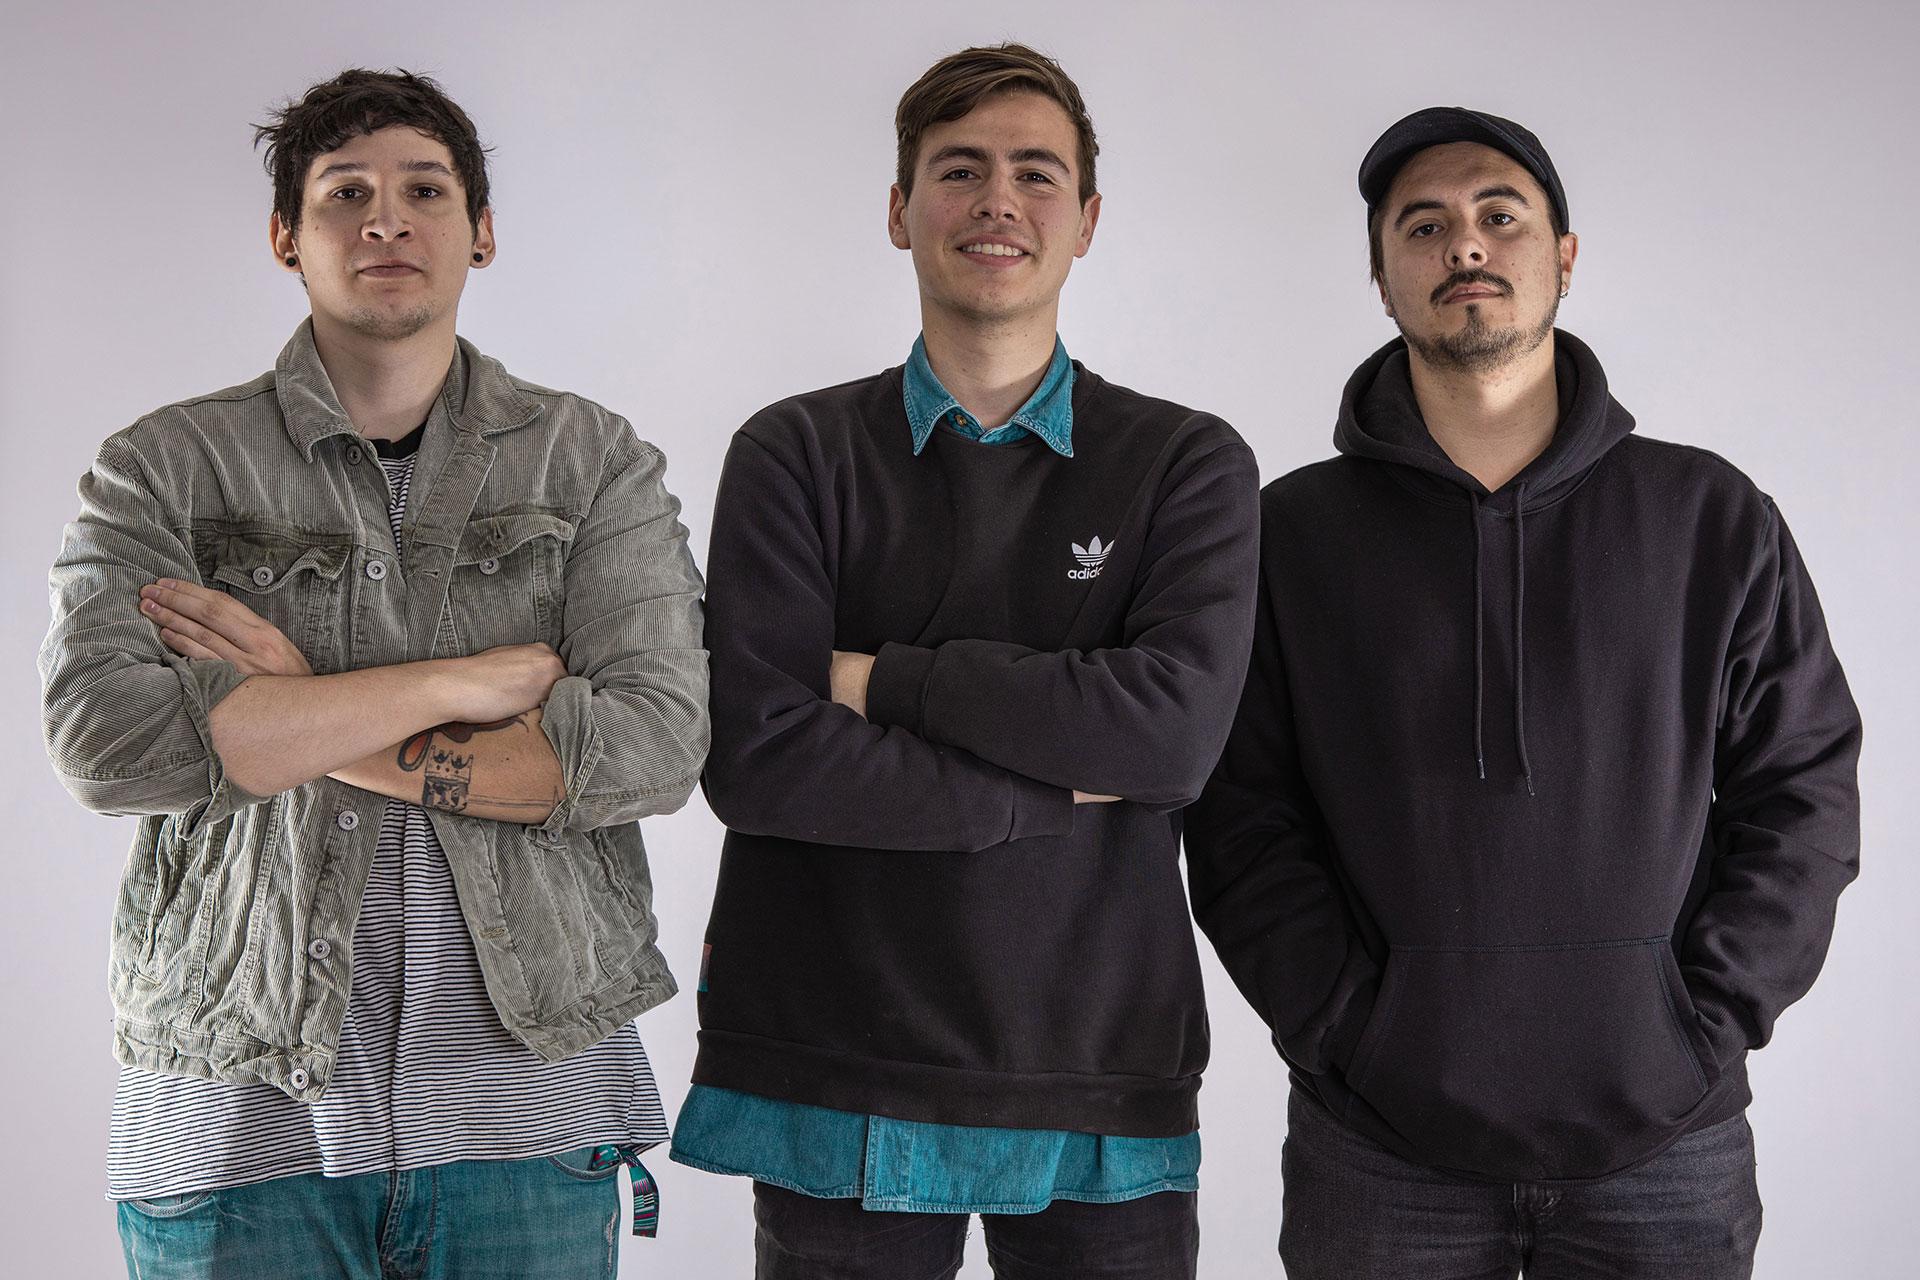 Alberto Gormaz | Jorge Saint-Jean | Nicolas Mardones | Muse Awards Winner